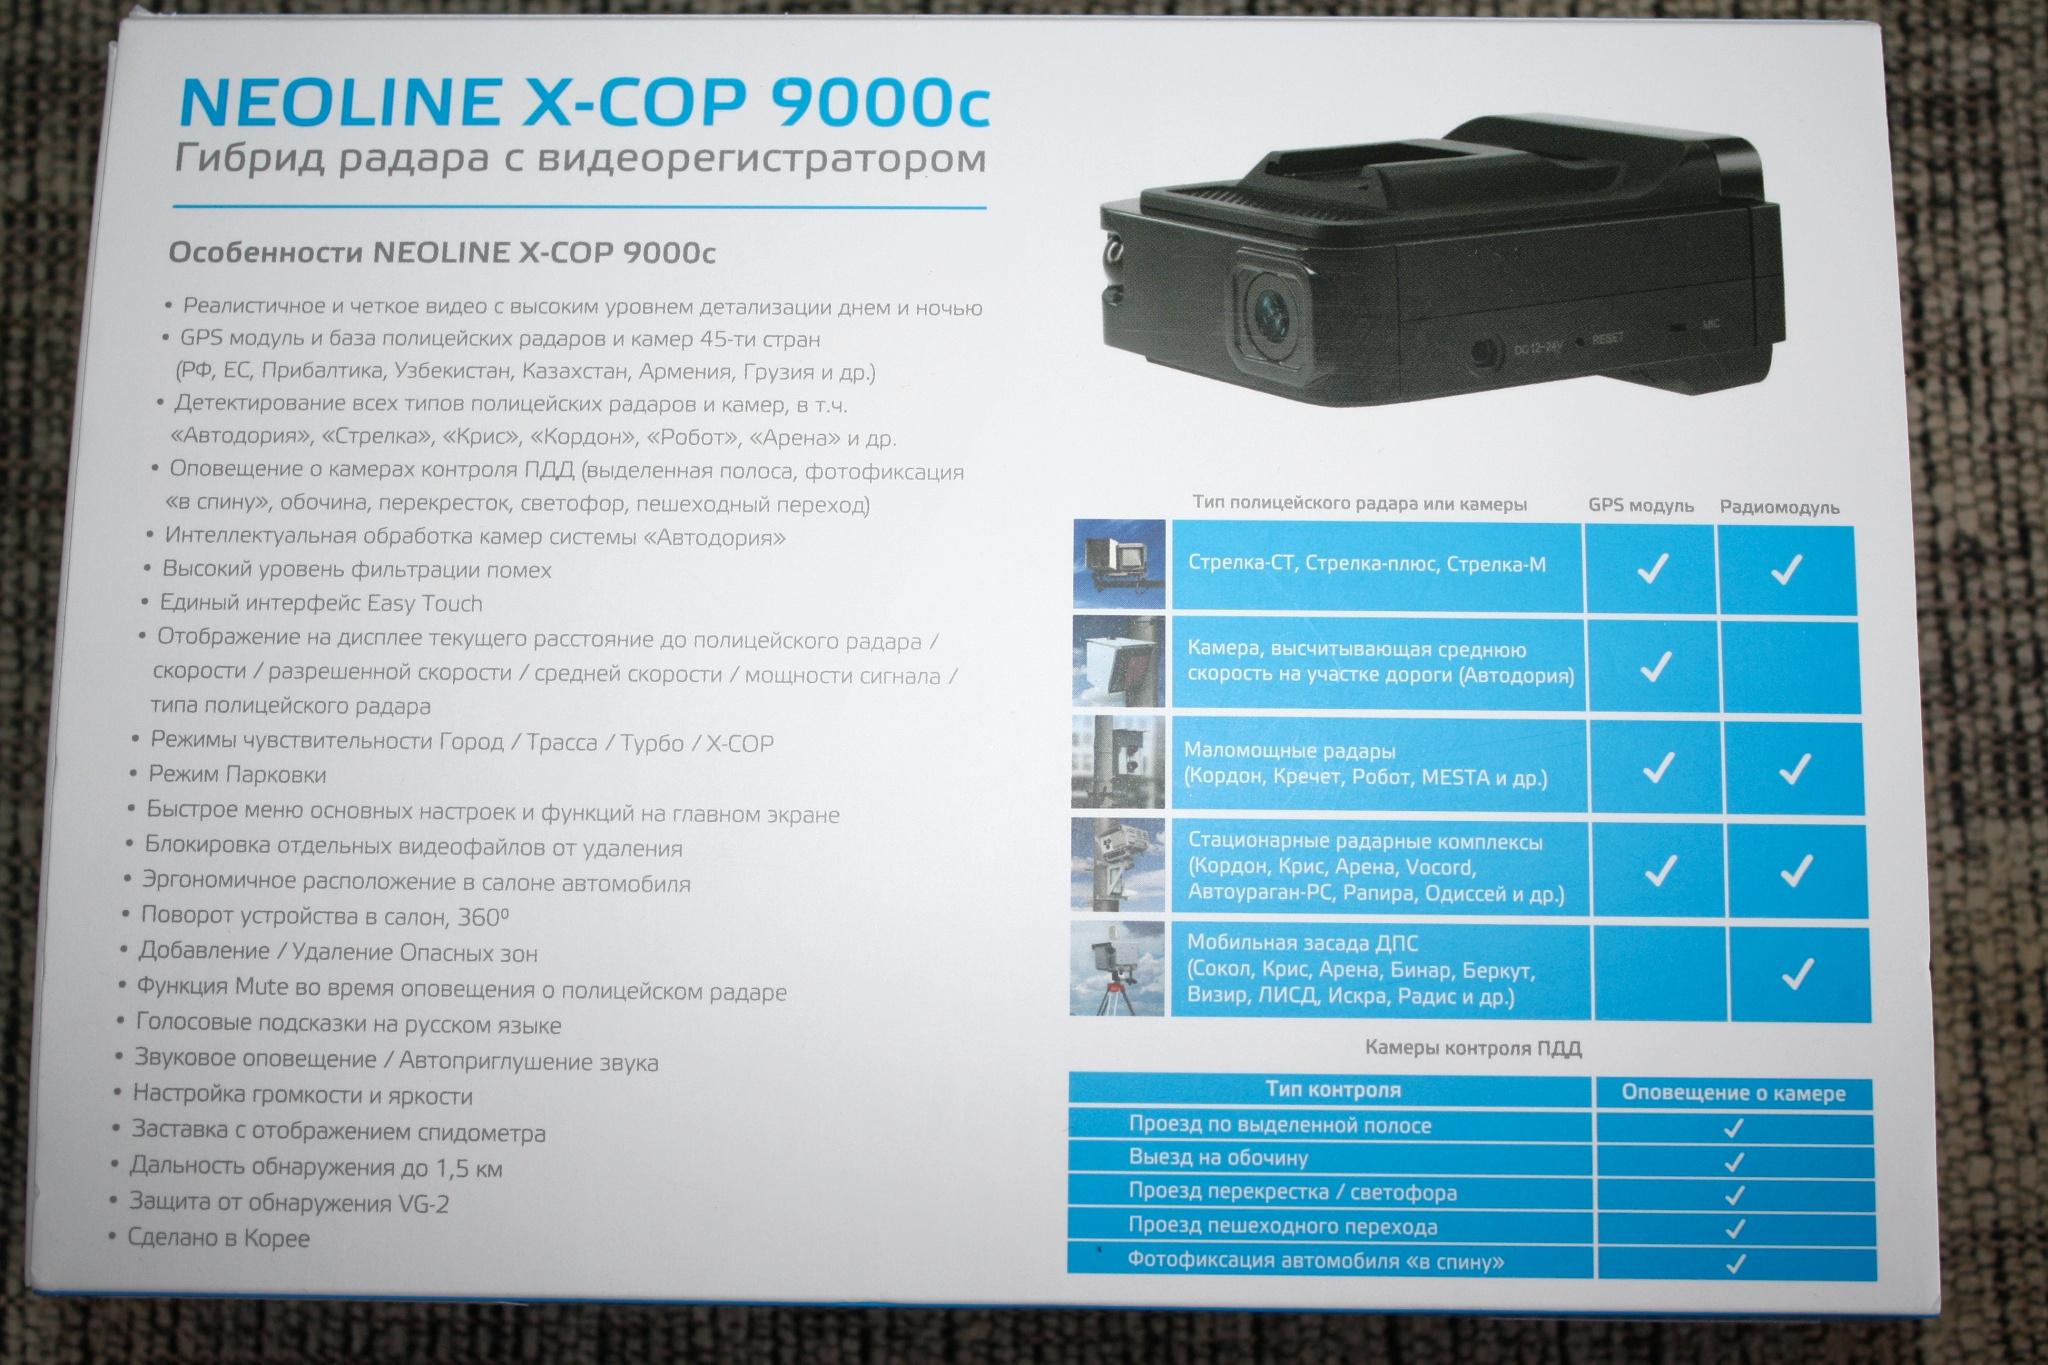 Обзор от покупателя на Видеорегистратор Neoline X-COP ...